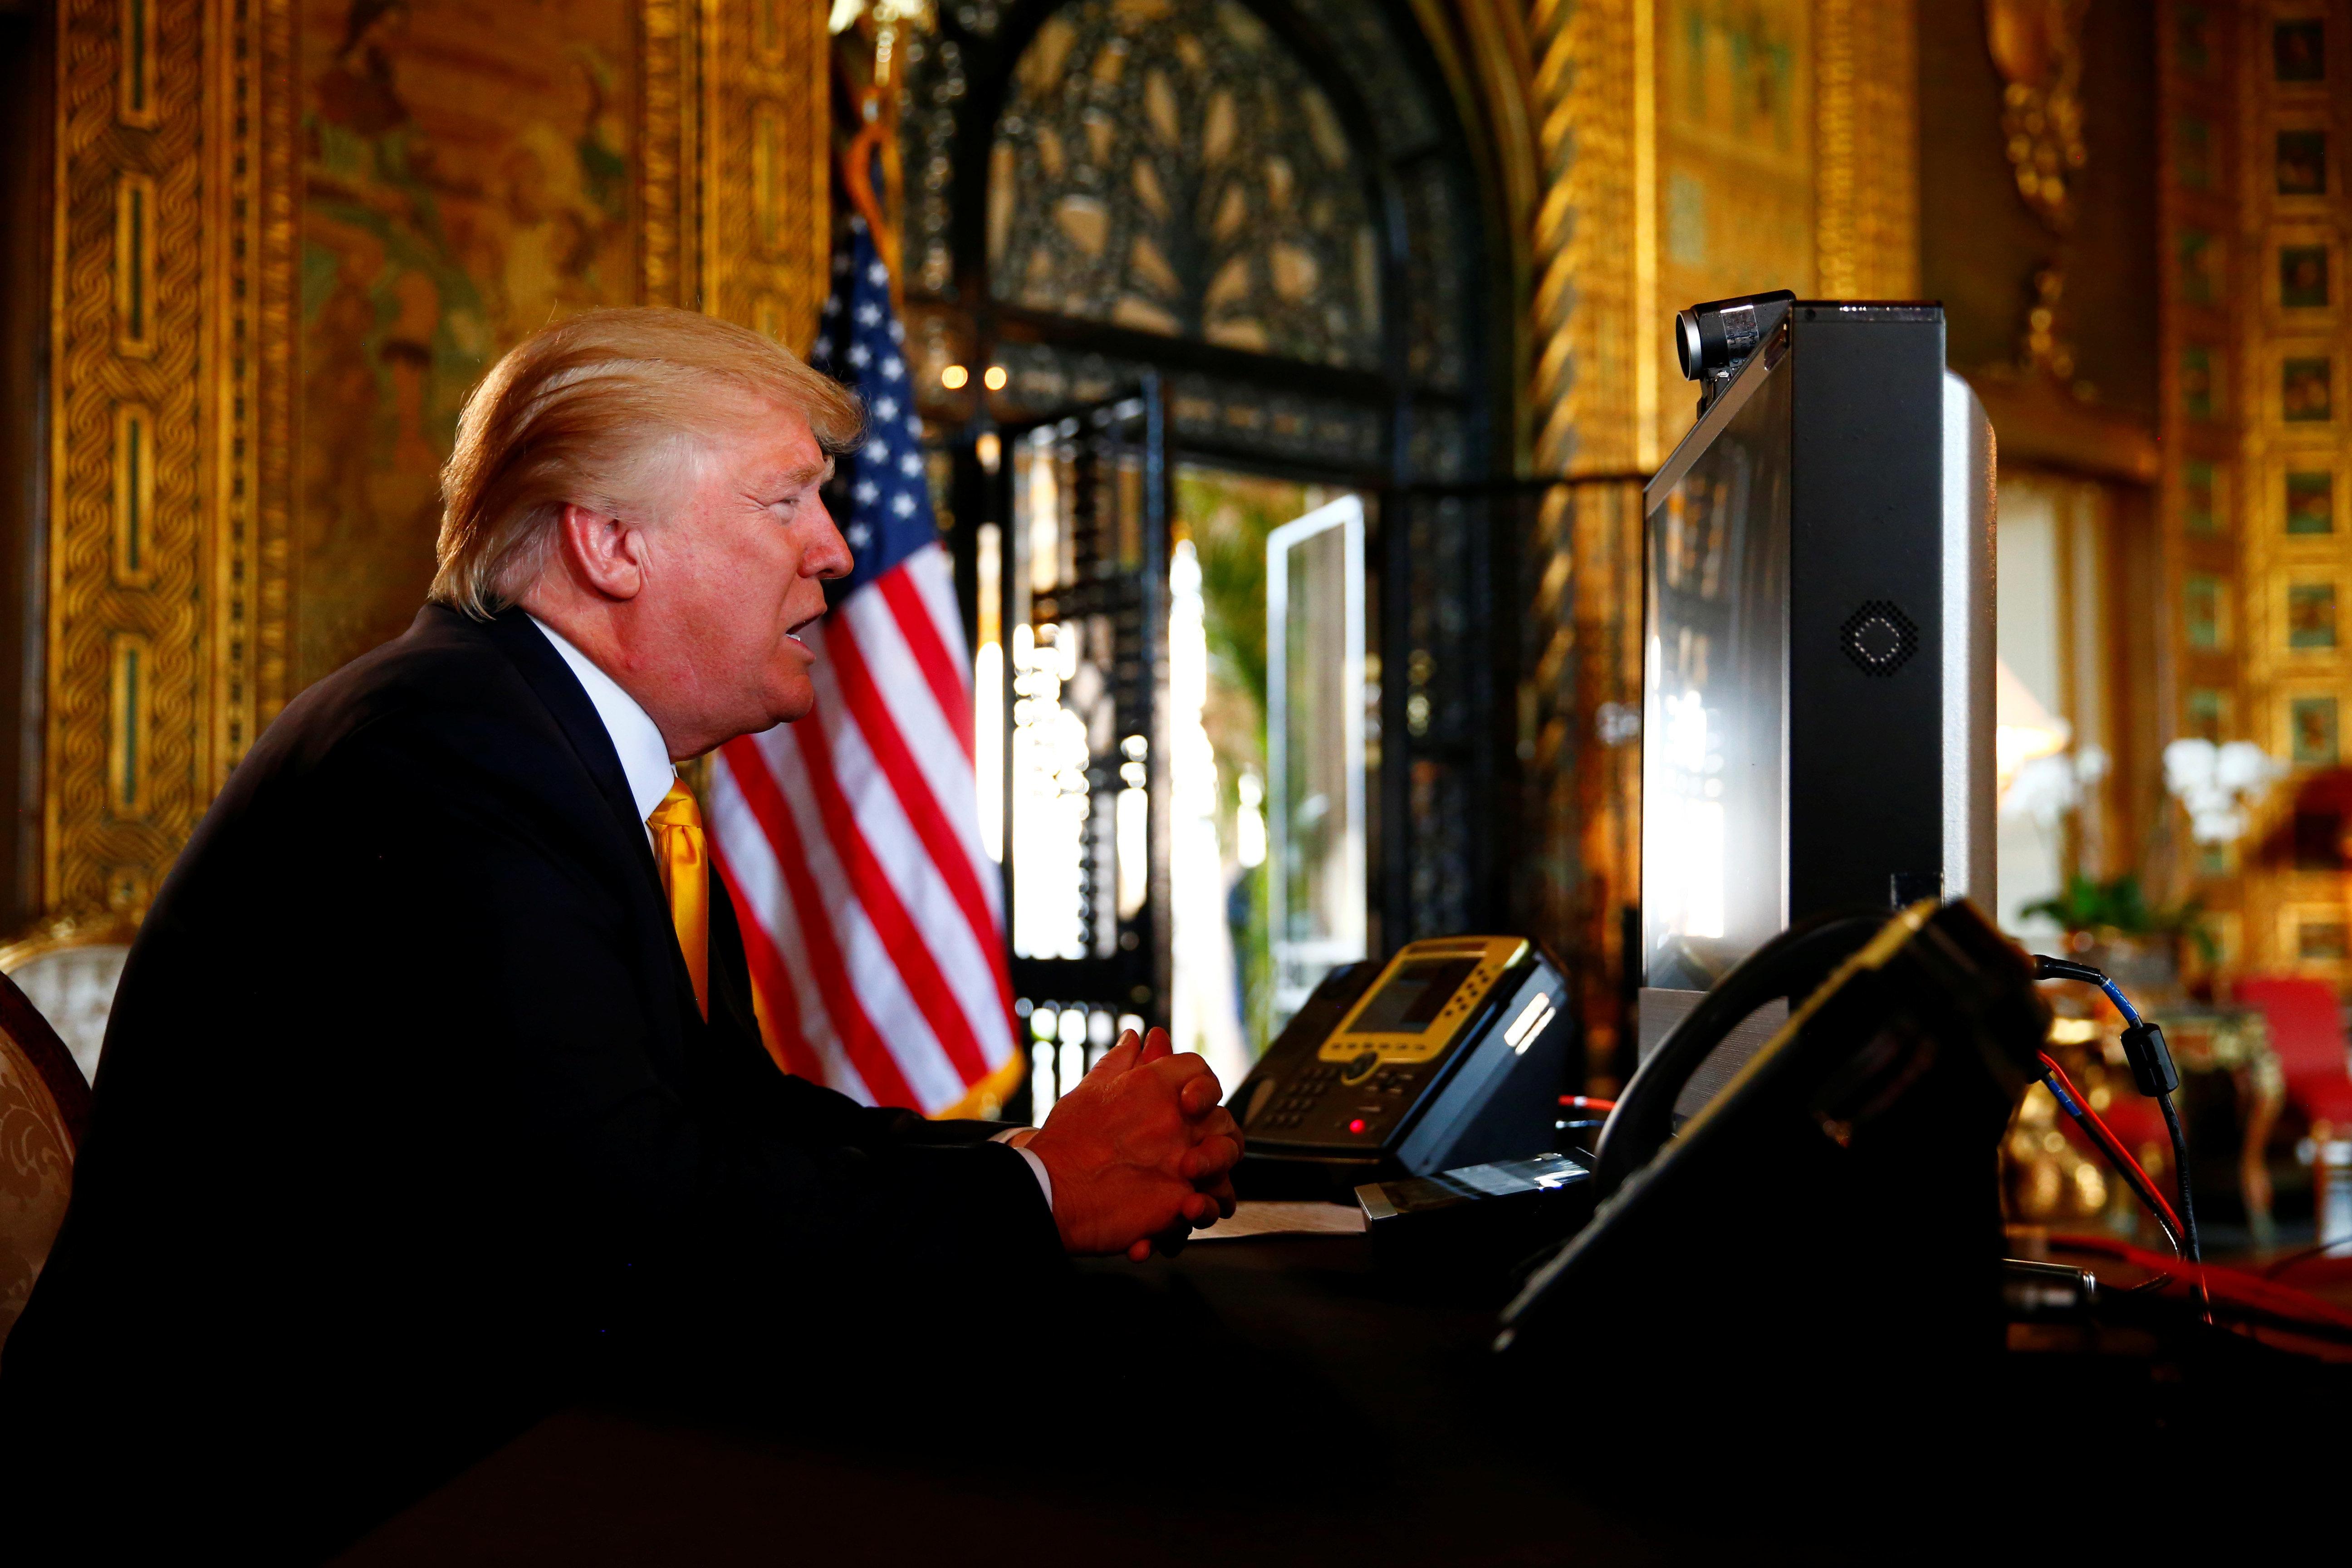 Donald Trump Thanks 'Winning' Military, Touts 'Big Fat Tax Cuts'